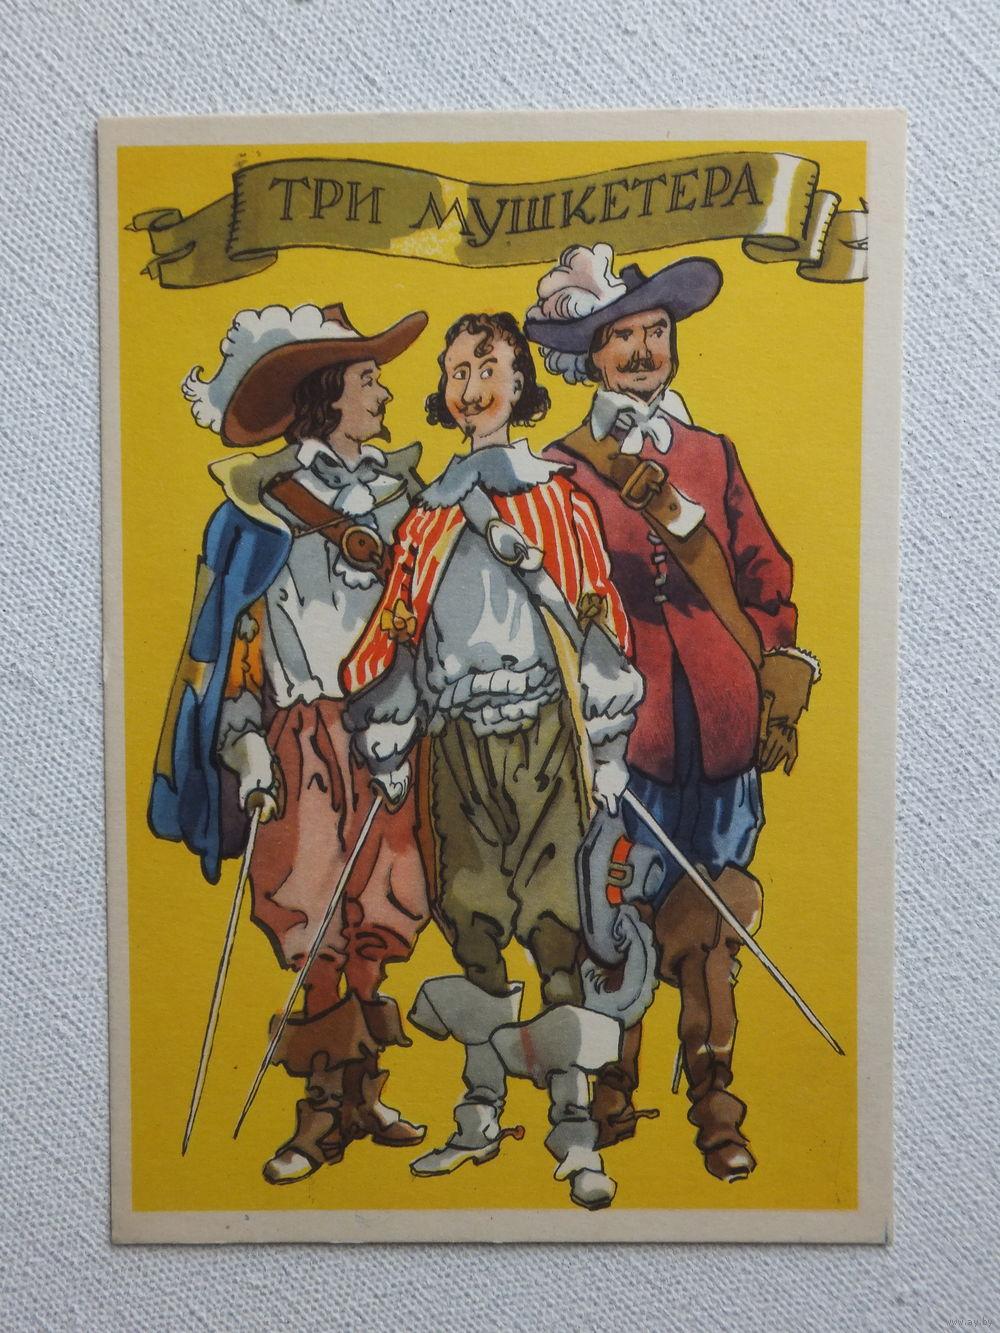 Поздравление от имени мушкетеров